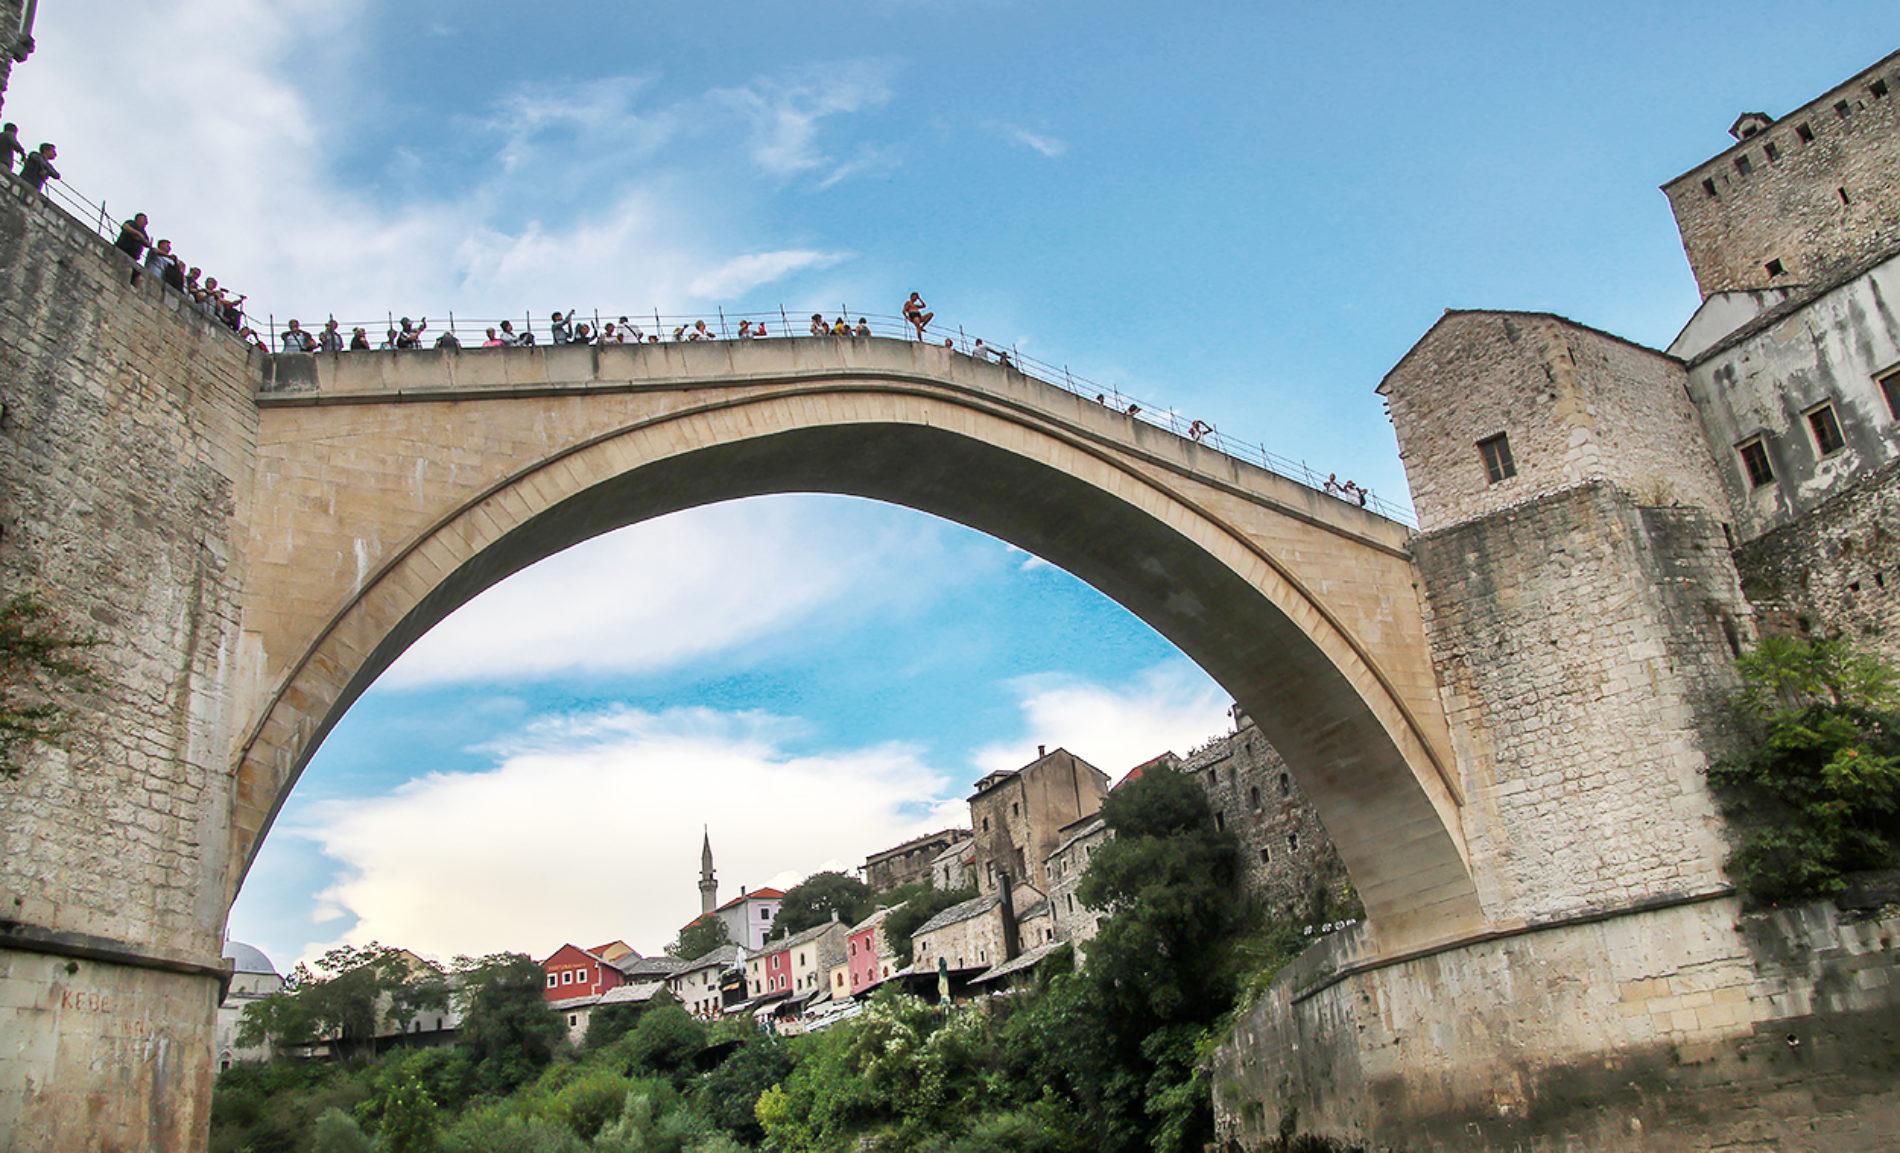 Följ med Ibn Rushd till Bosnien 4-7 september